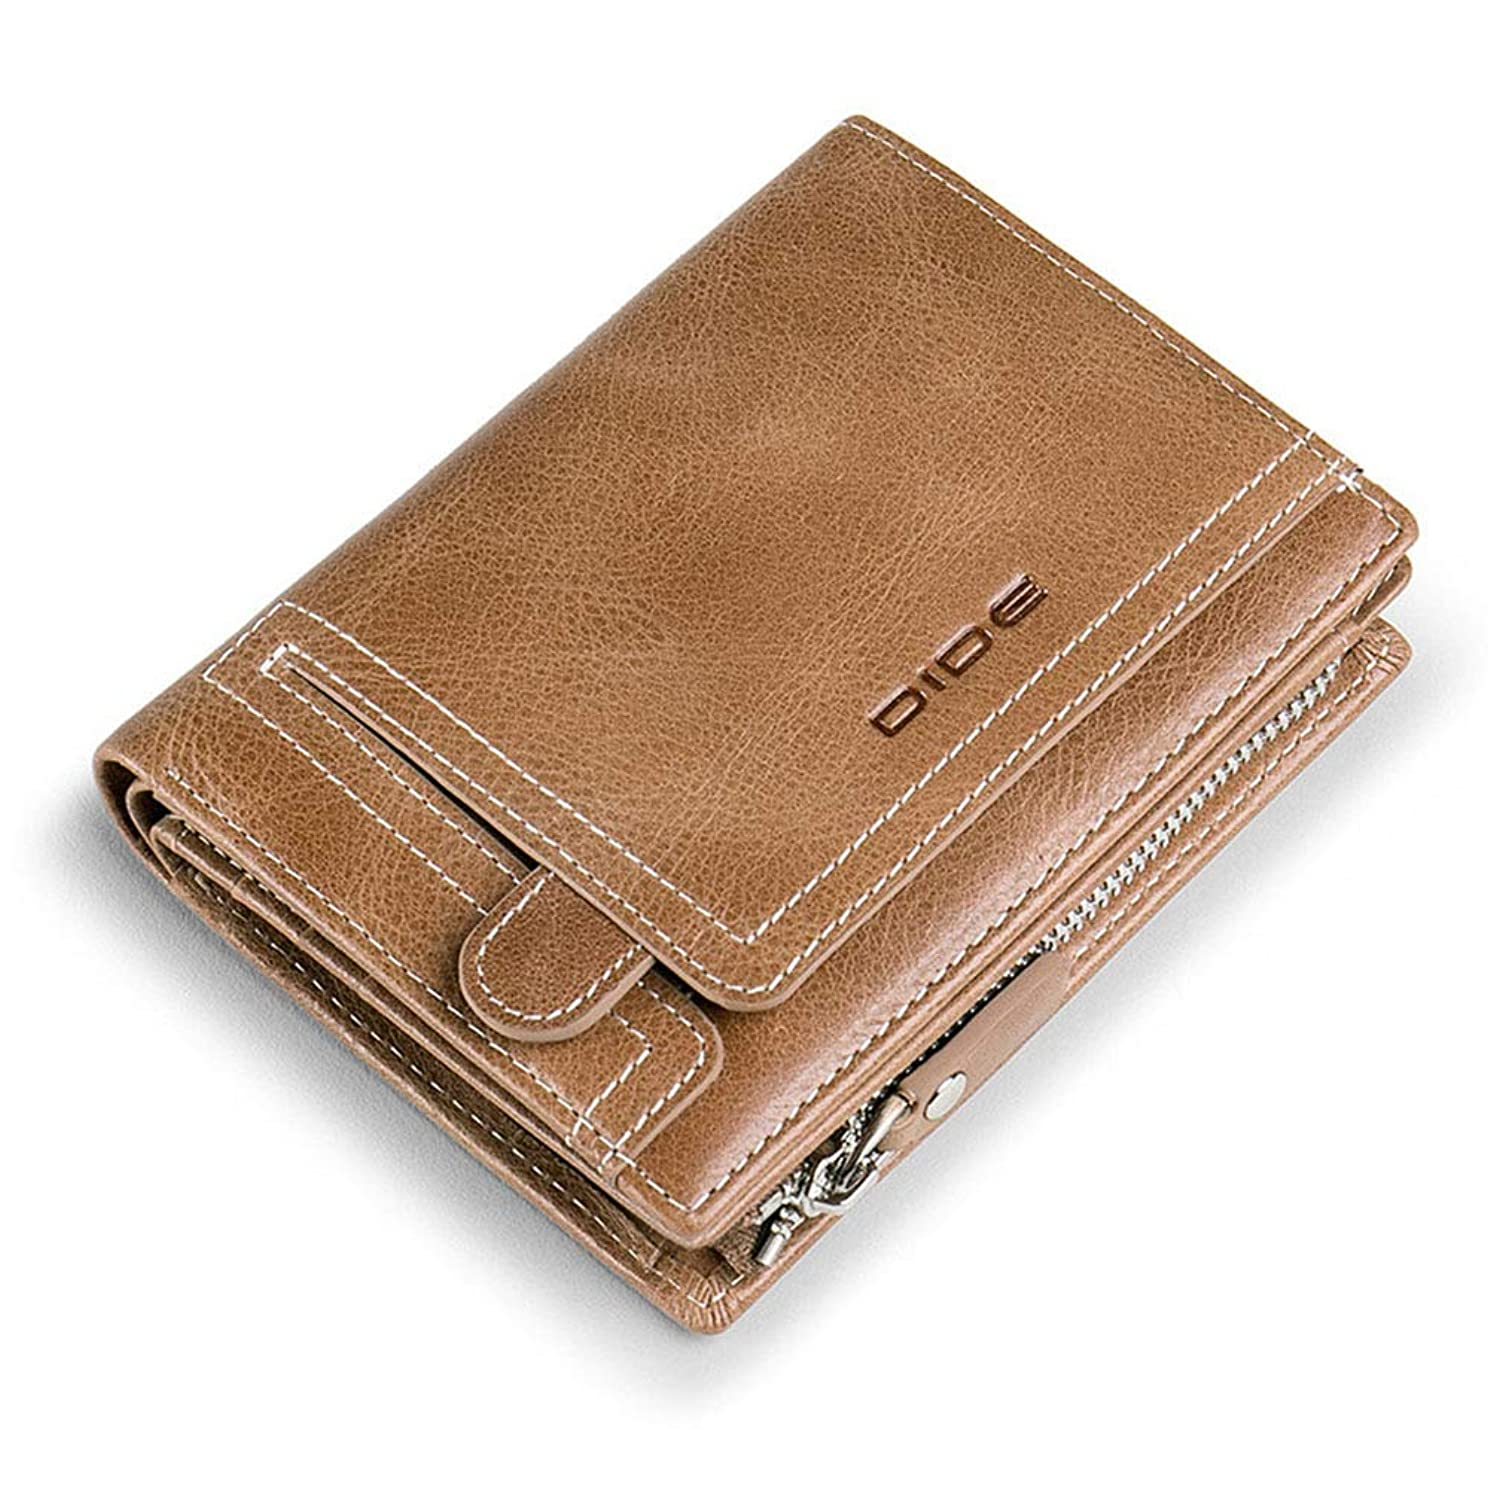 サンダー安定しました整理する(BaQi Trade)財布 二つ折り財布 メンズ財布 ファスナー メンズ 二つ折り 紳士用財布 牛本革 レザー 2つ折り